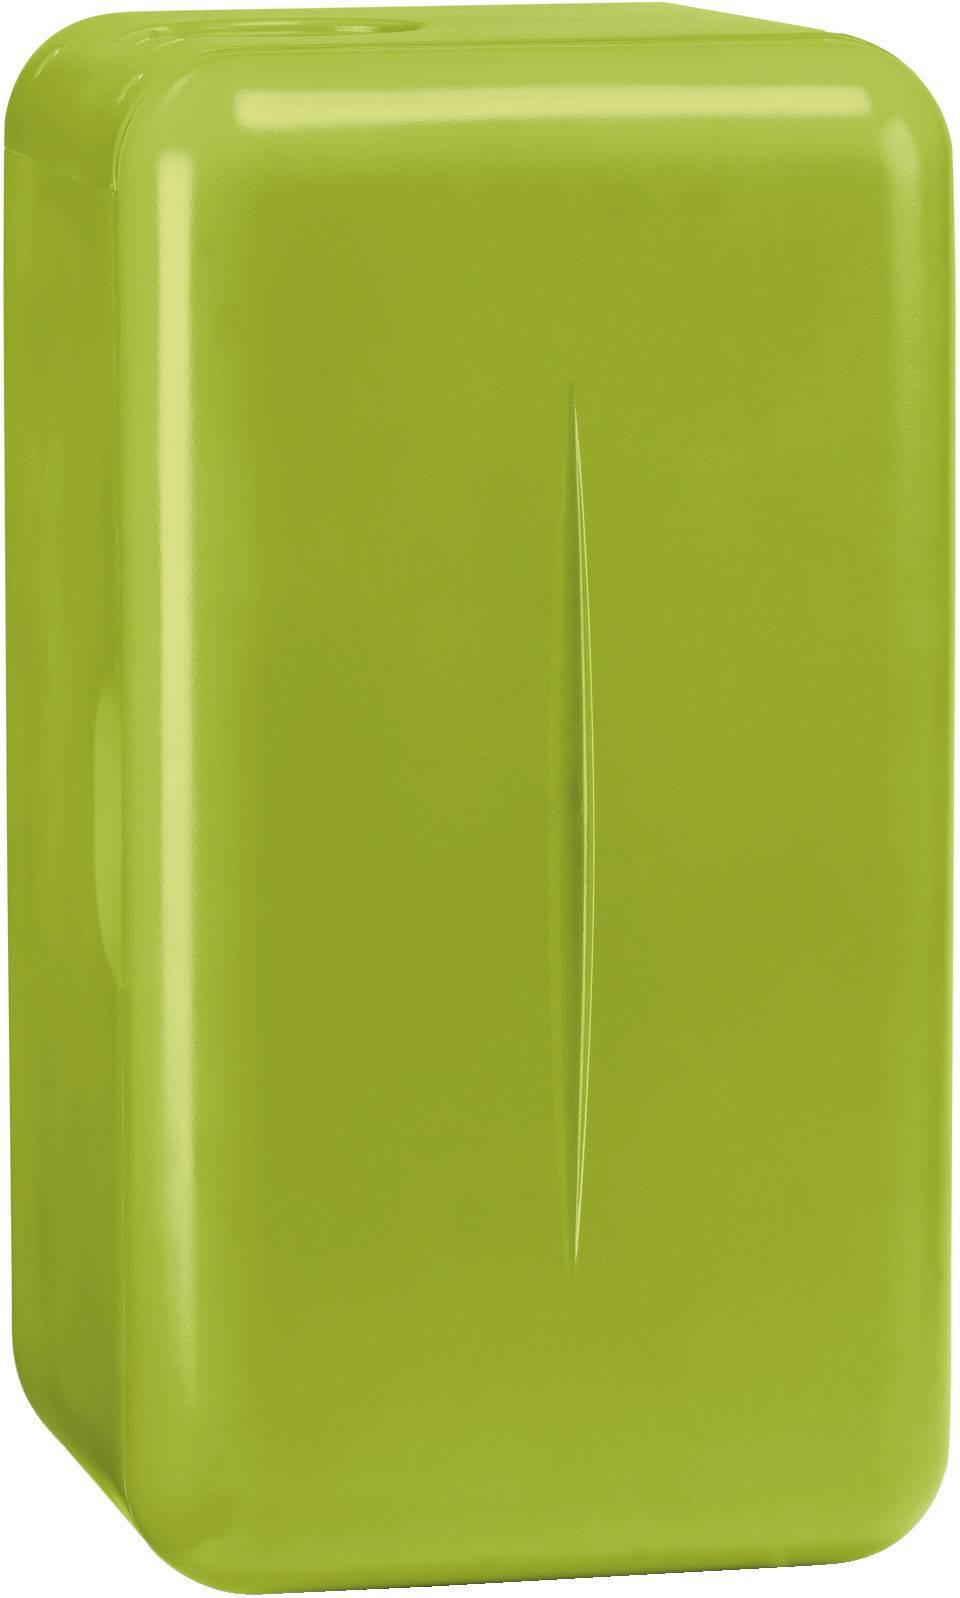 Mini chladnička / party chladicí box MobiCool F16 230 V zelená 14 l A++